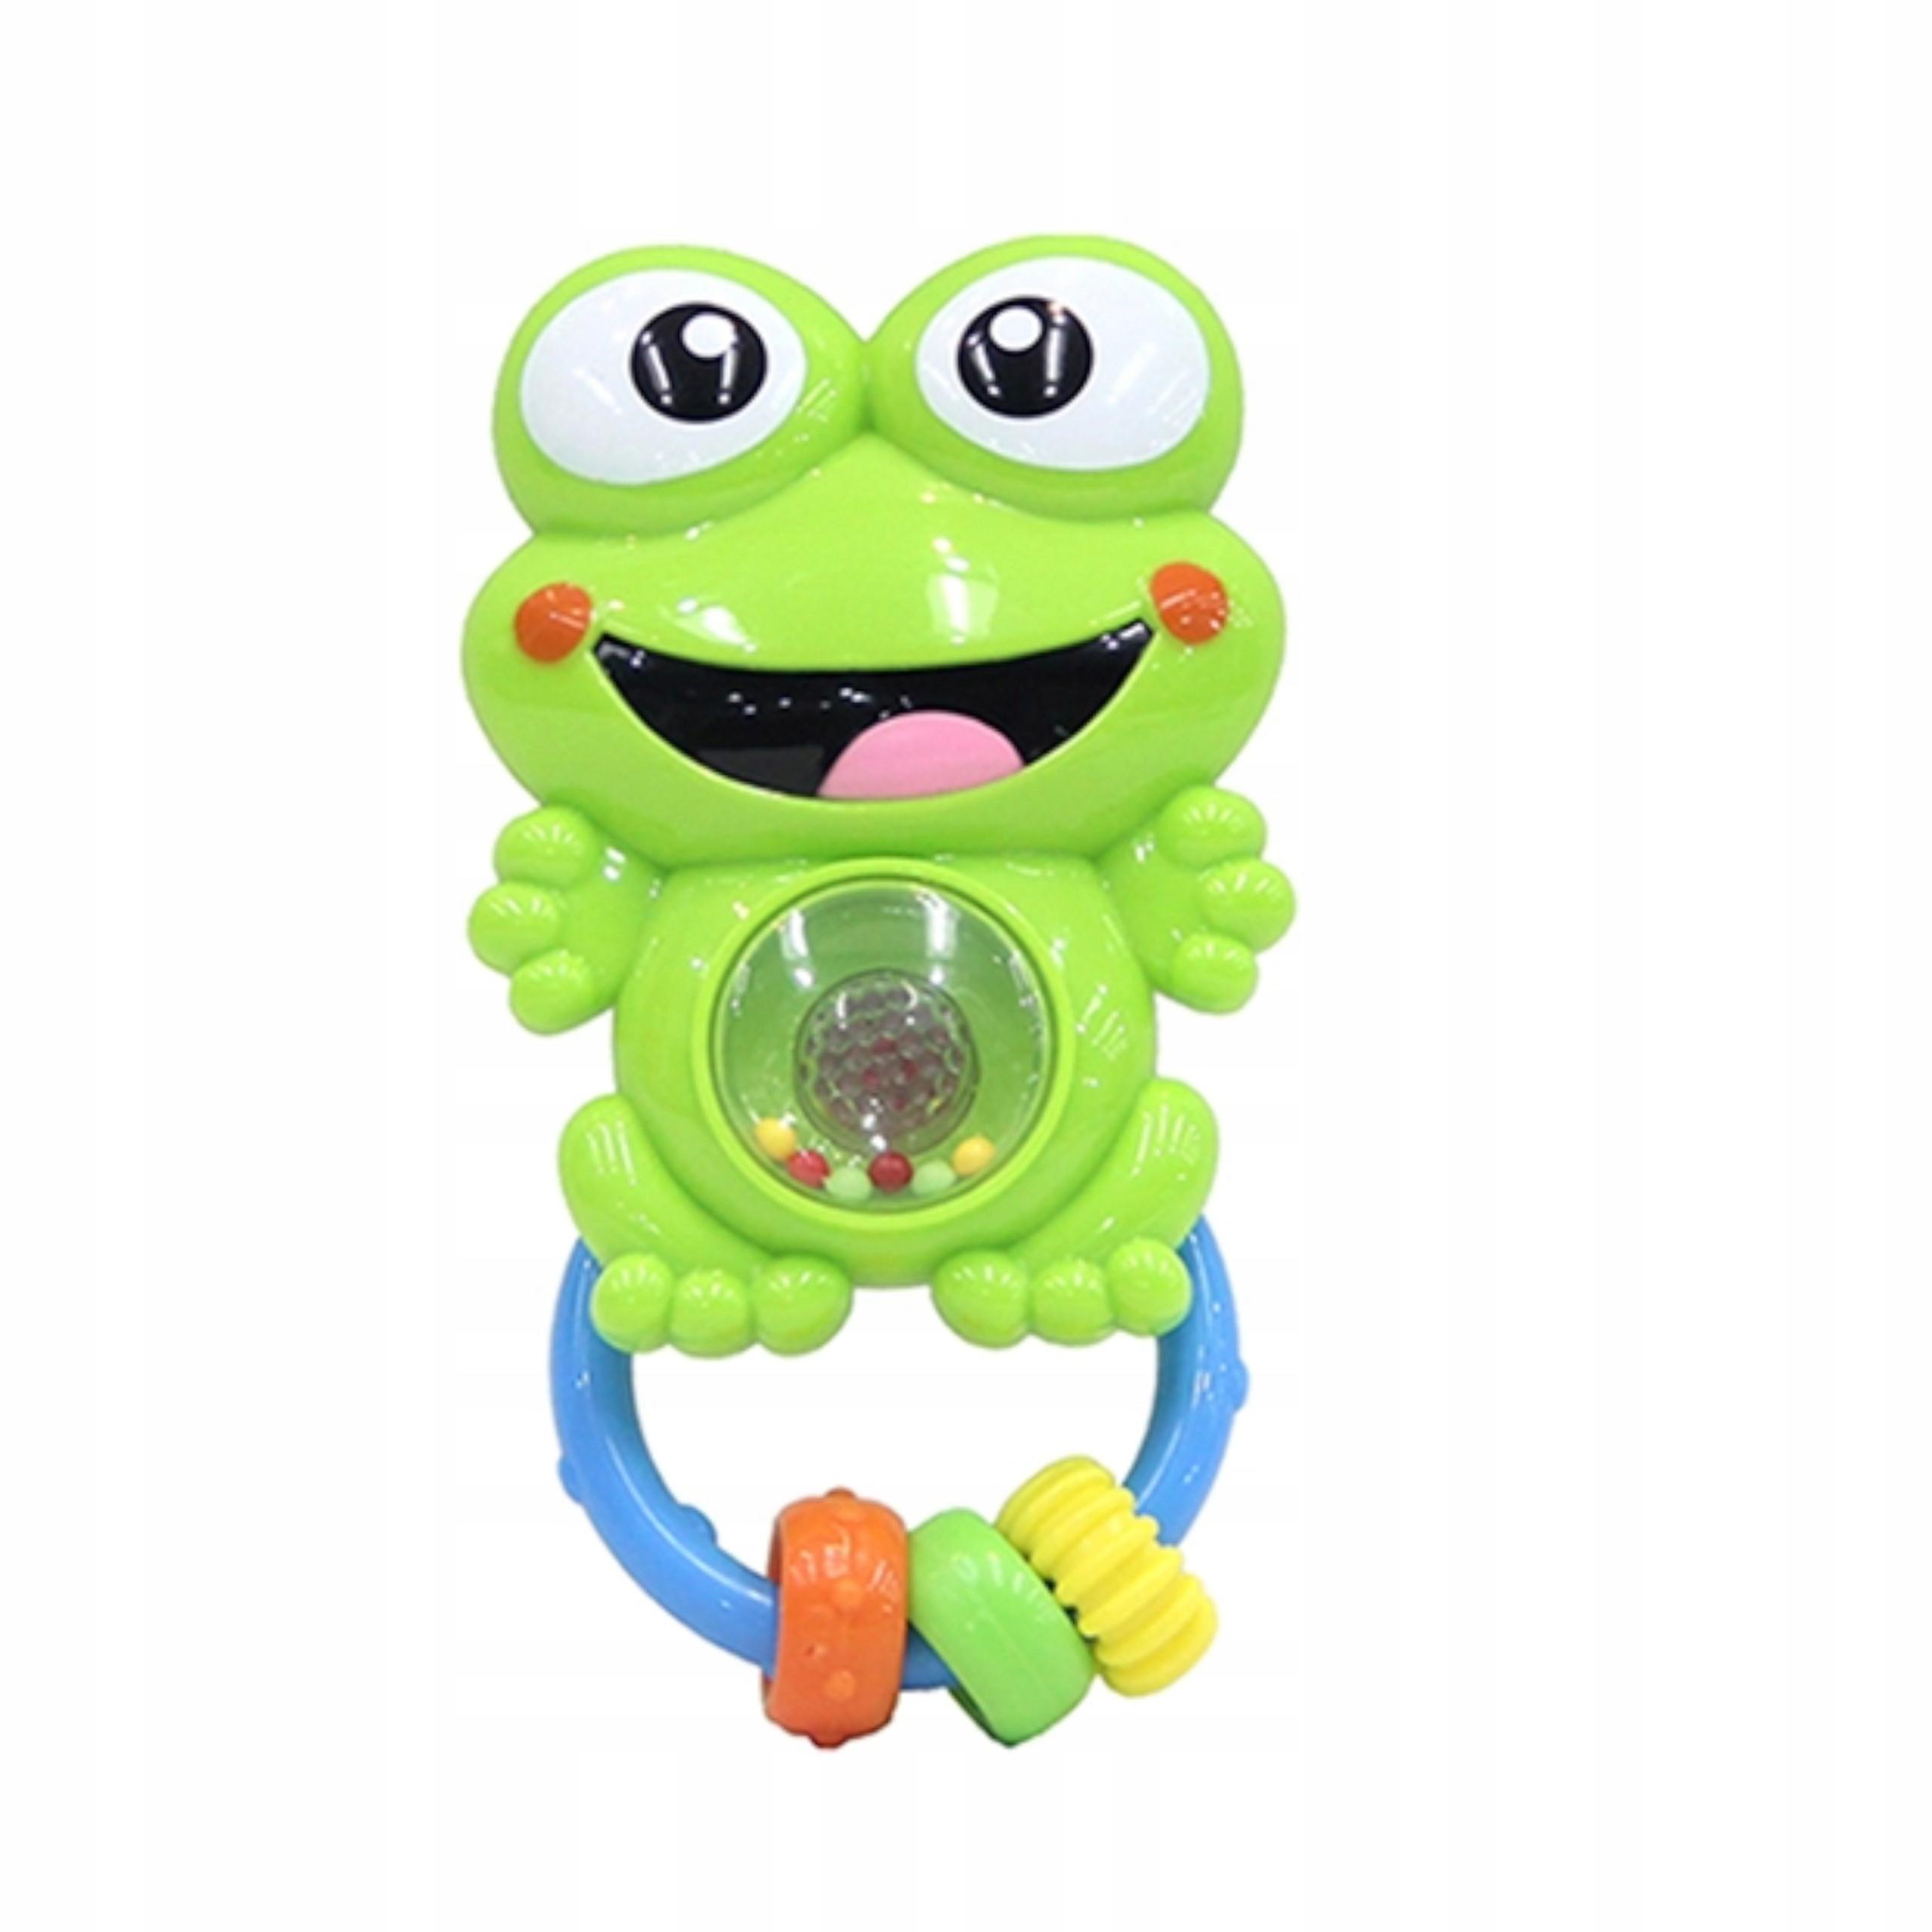 Grzechotka sensoryczna żabka melodyjki światła 80 Kod producenta 6680